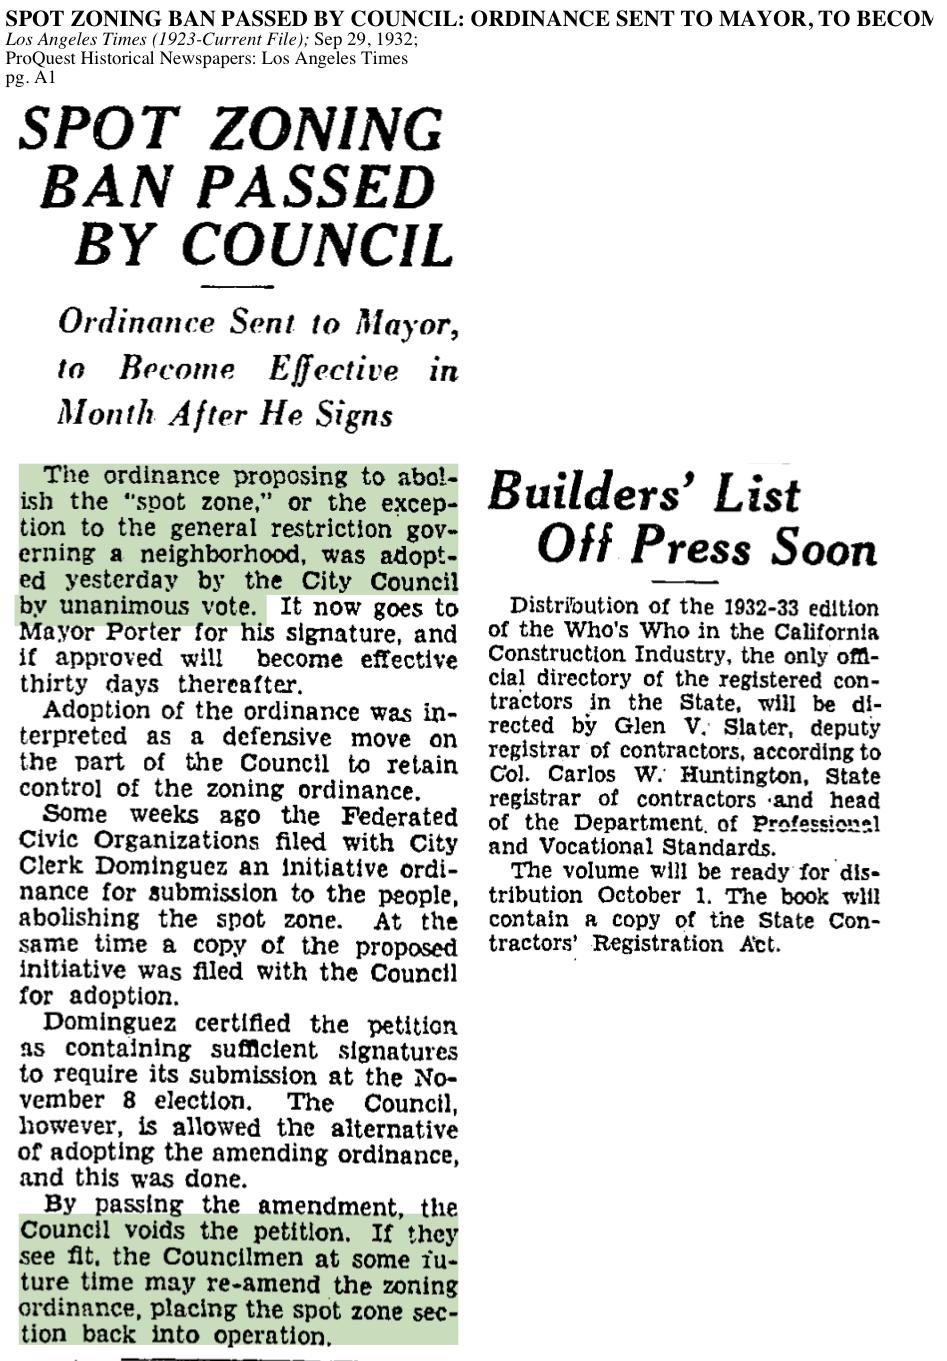 1932-Spot Zoning Ban Passed